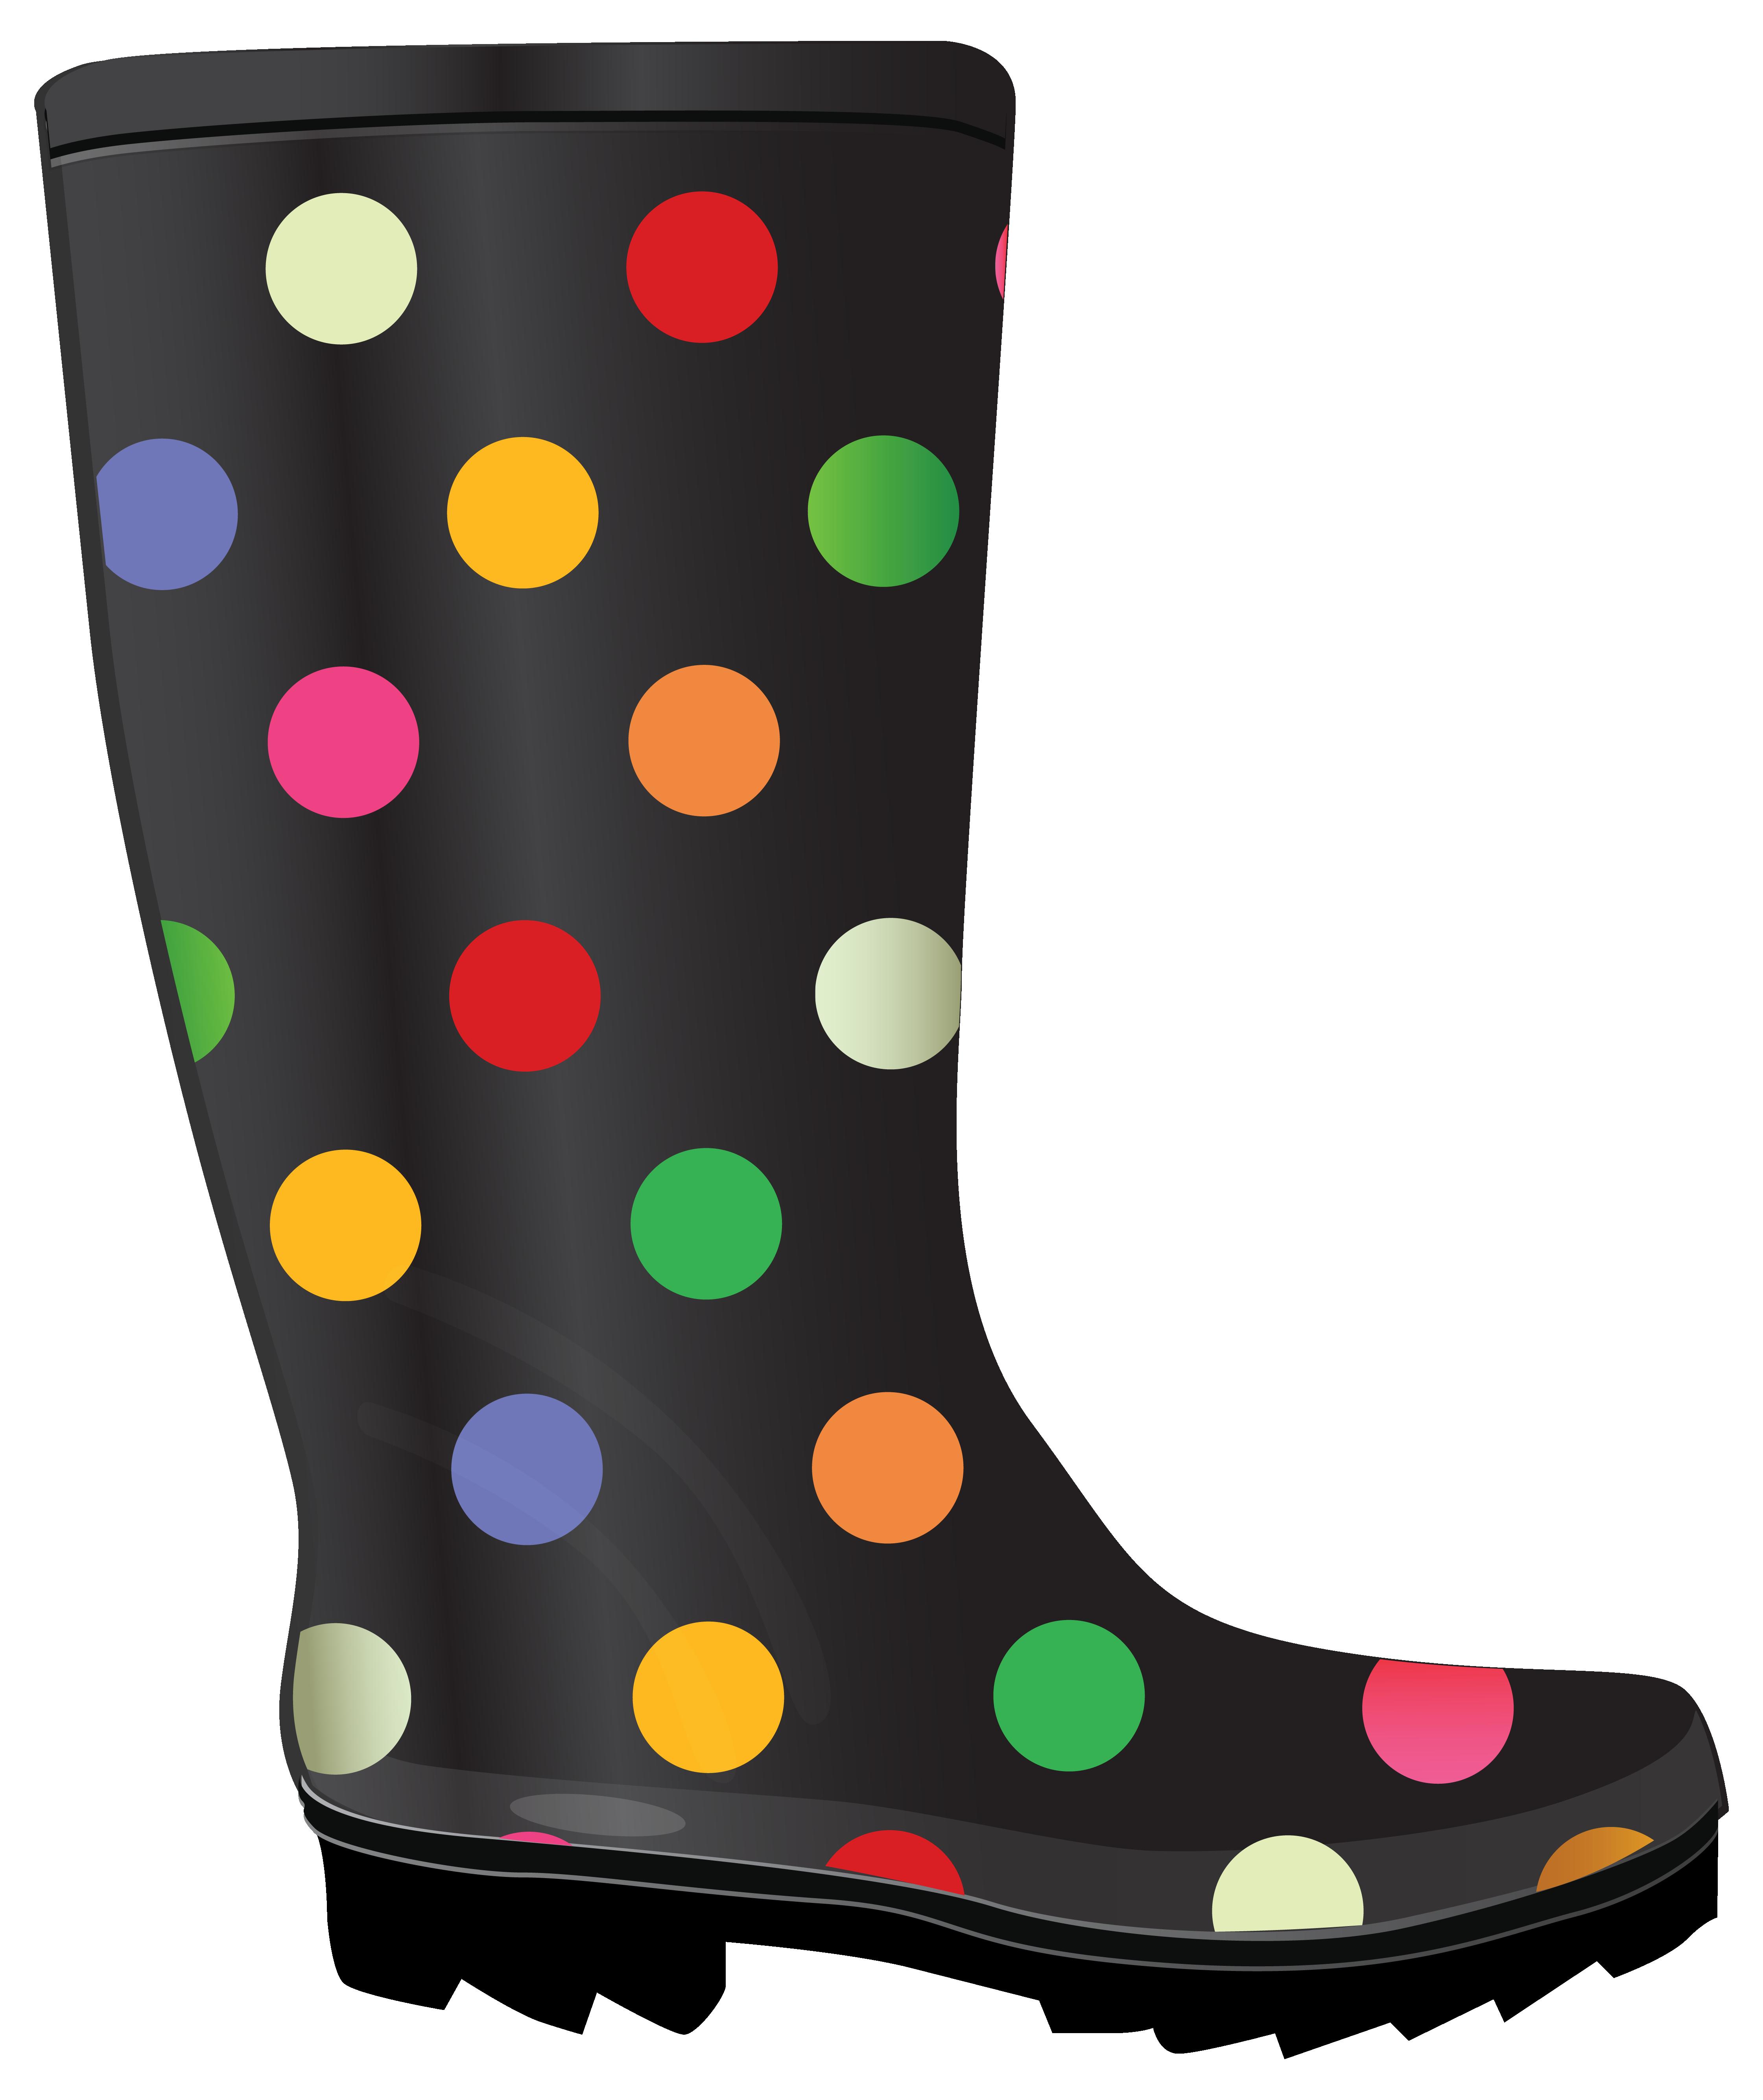 4482x5338 Top 84 Boots Clip Art